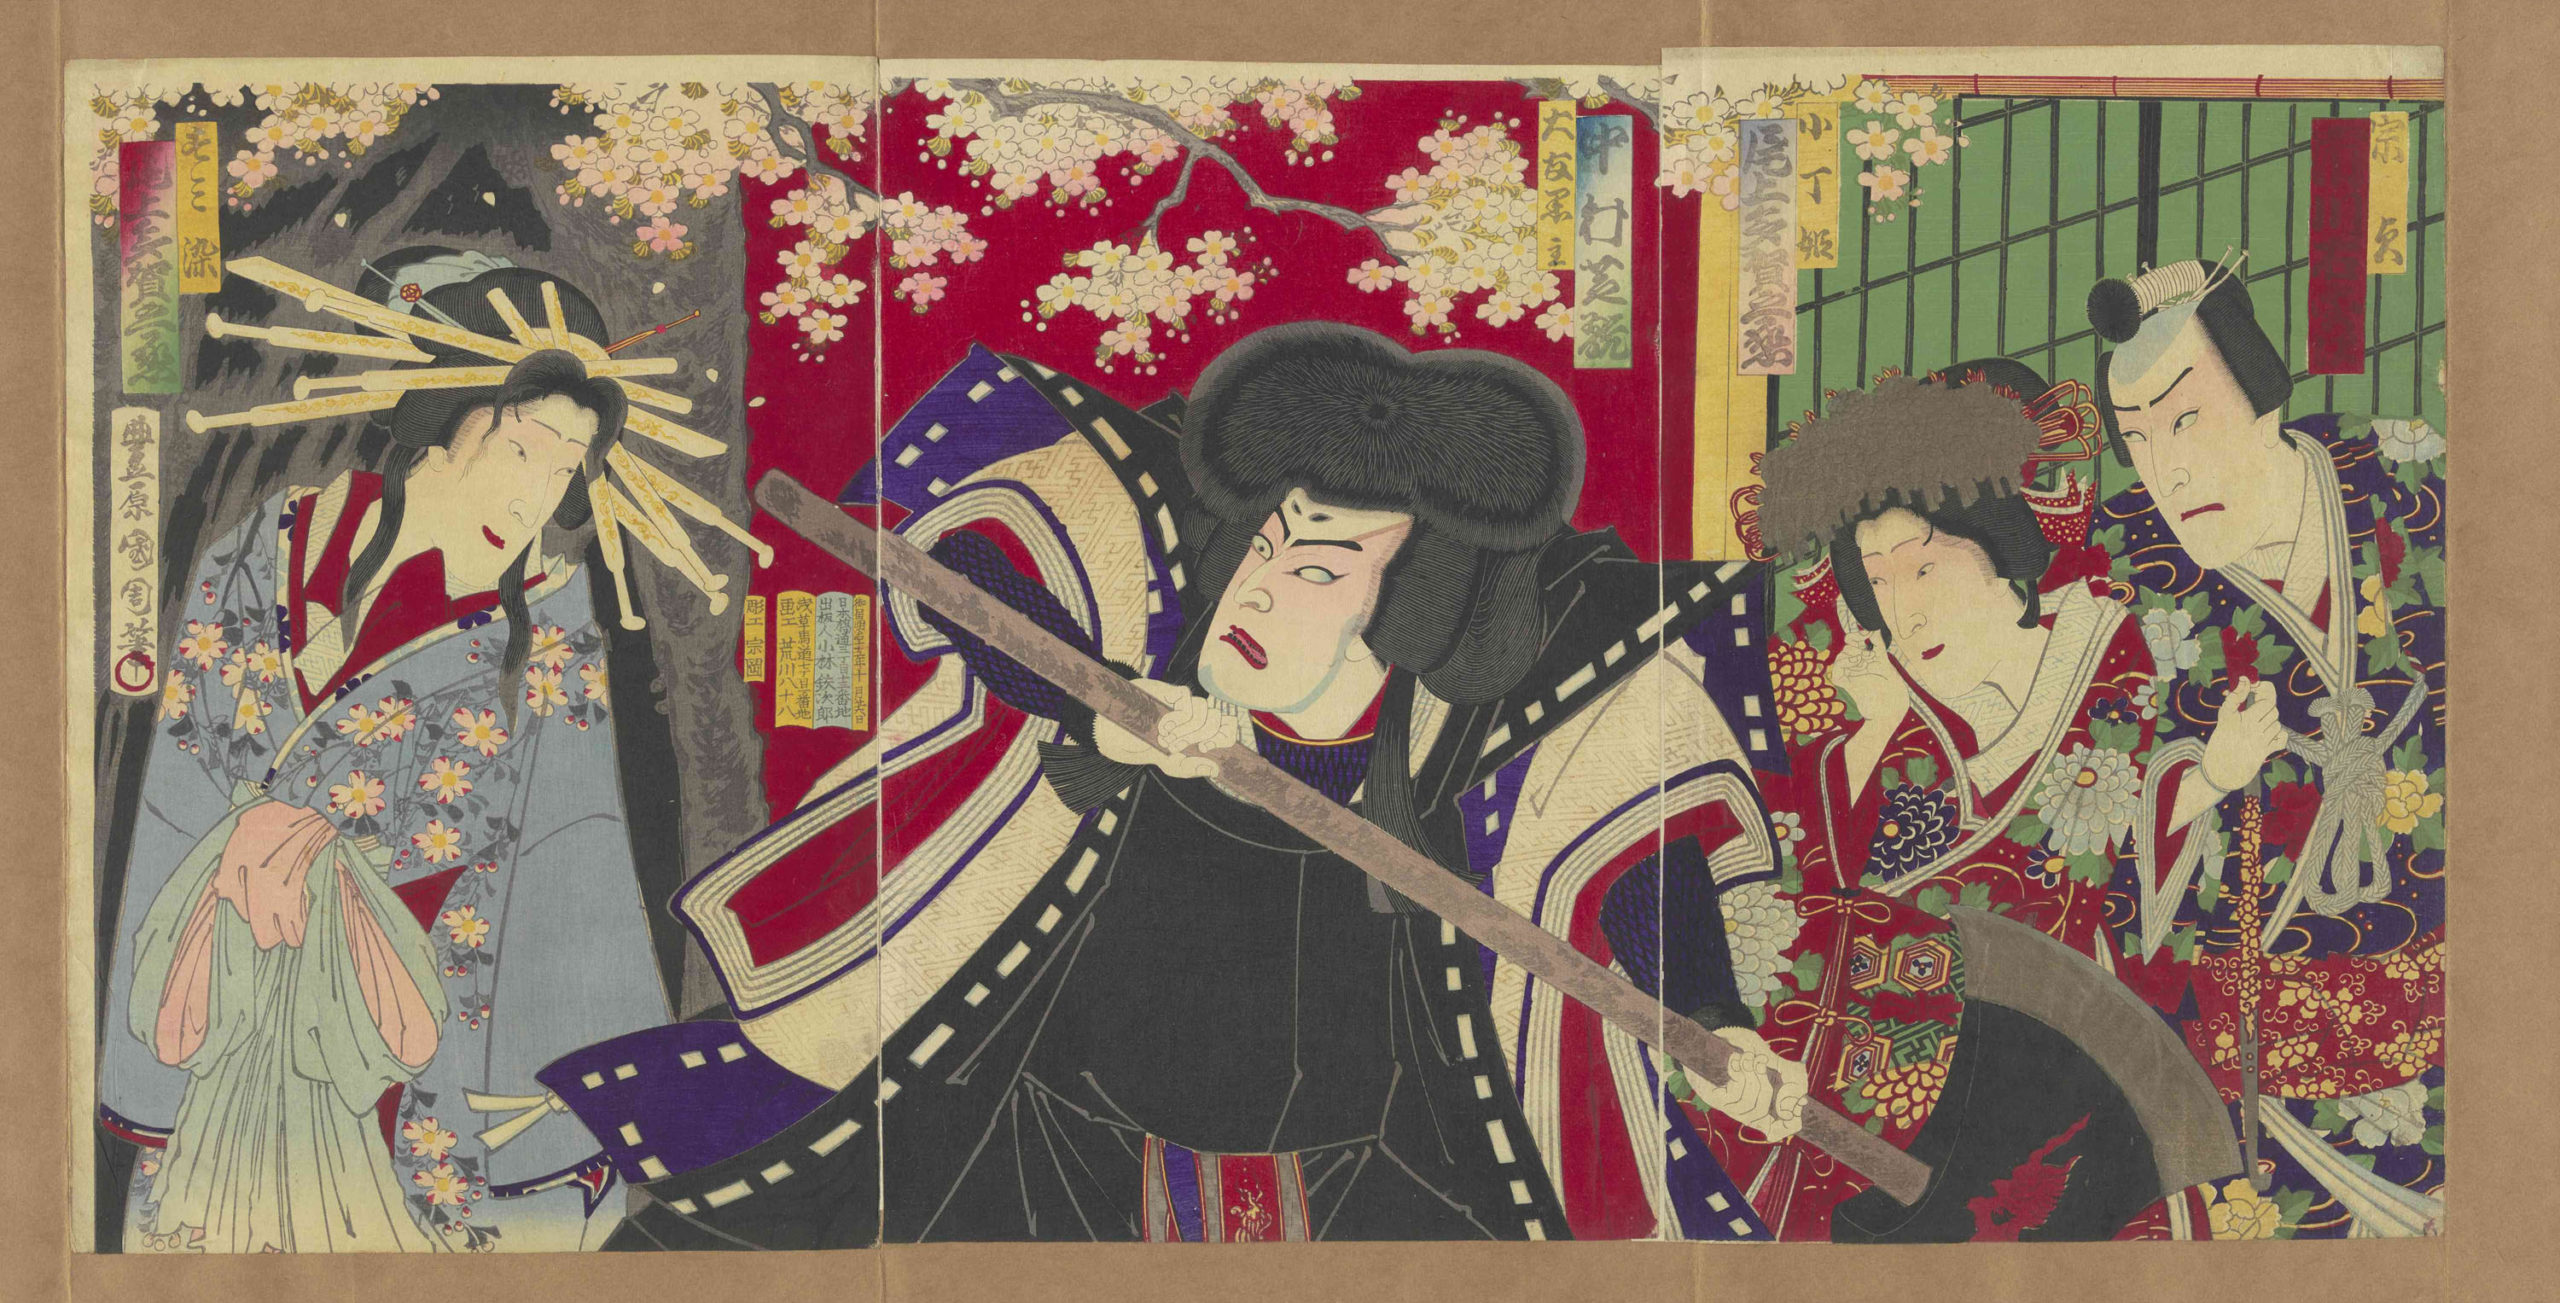 『積恋雪関扉』画:豊原国周(都立中央図書館特別文庫室所蔵)